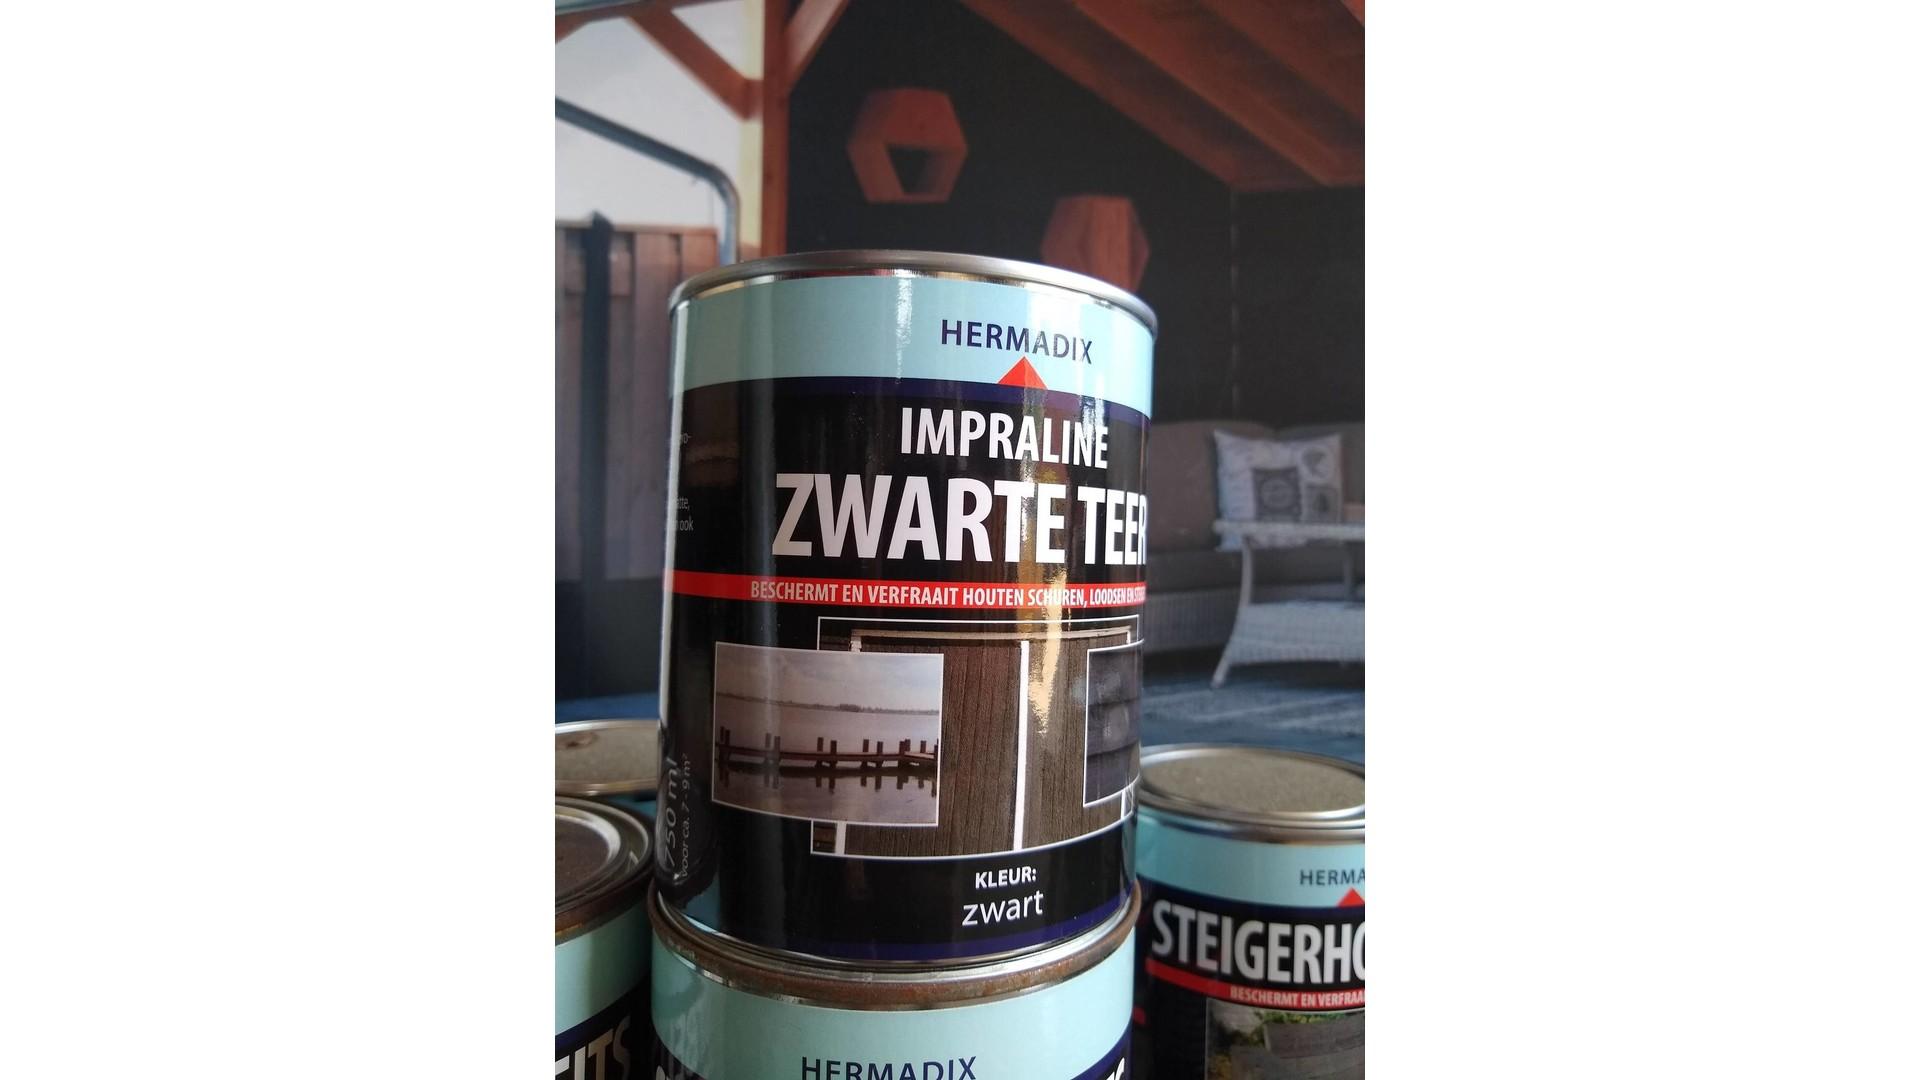 Hermadix Impraline Hermadix